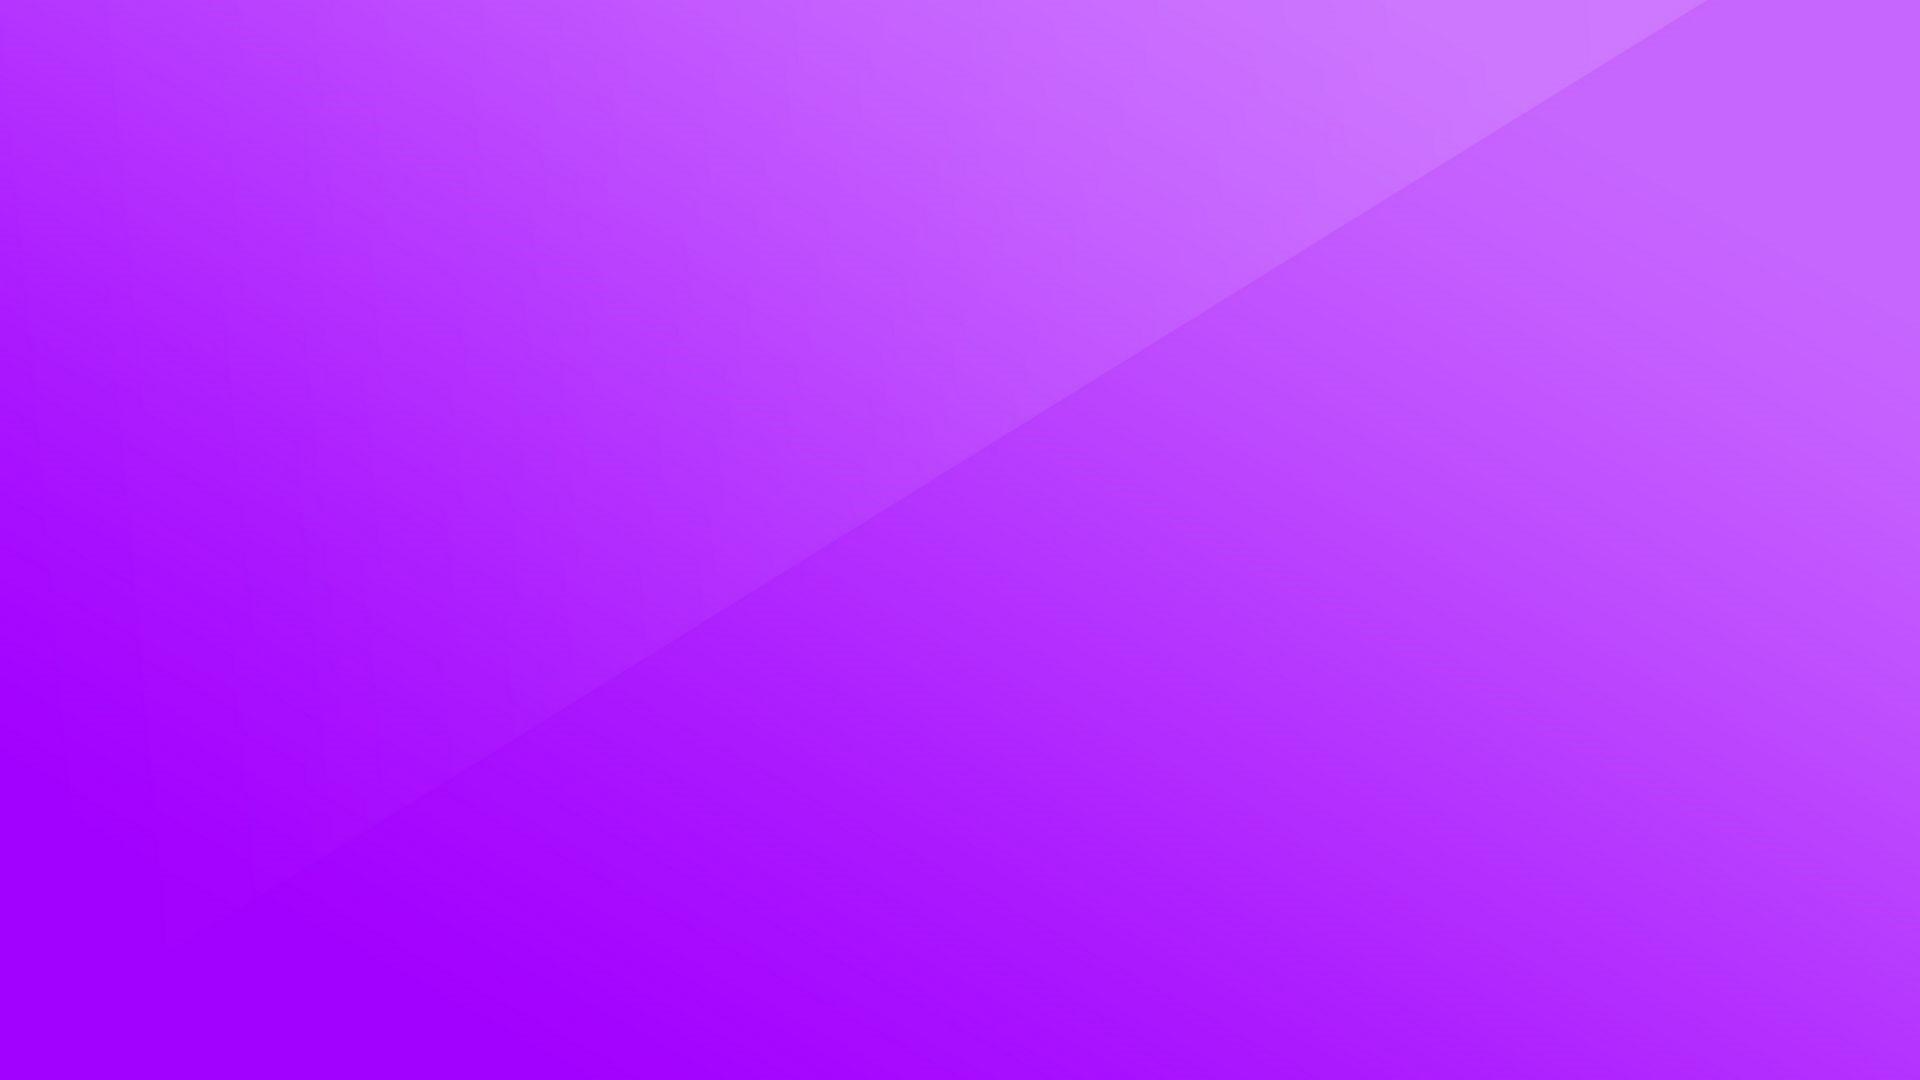 Solid Color computer wallpaper